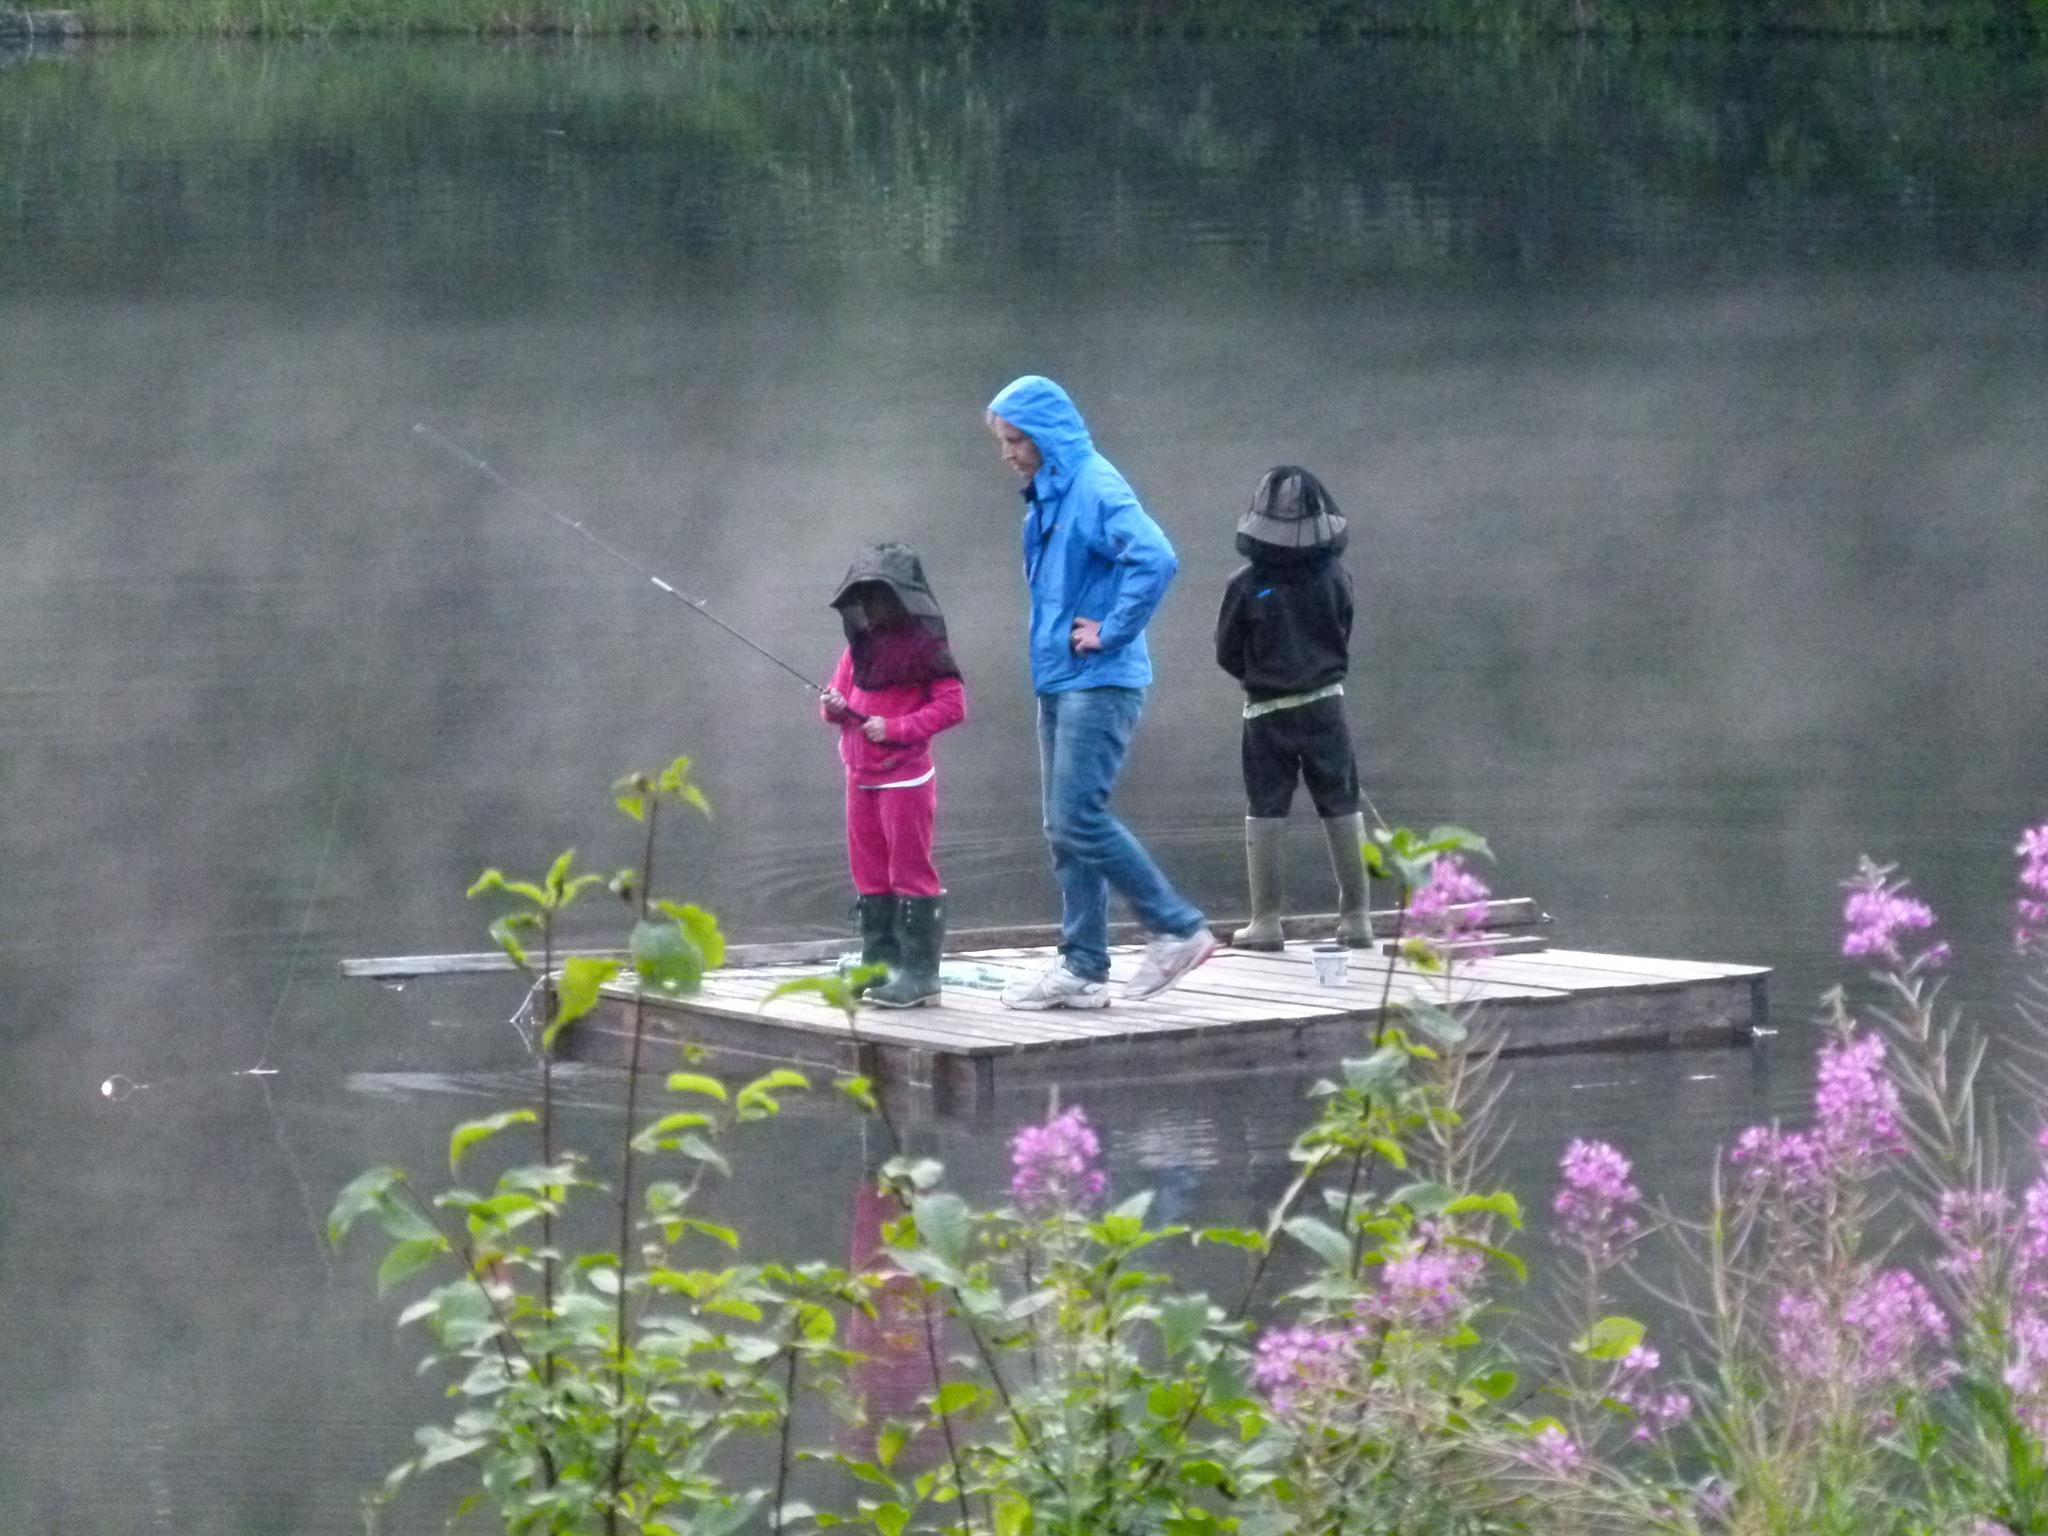 Fishing by peterliendeborg